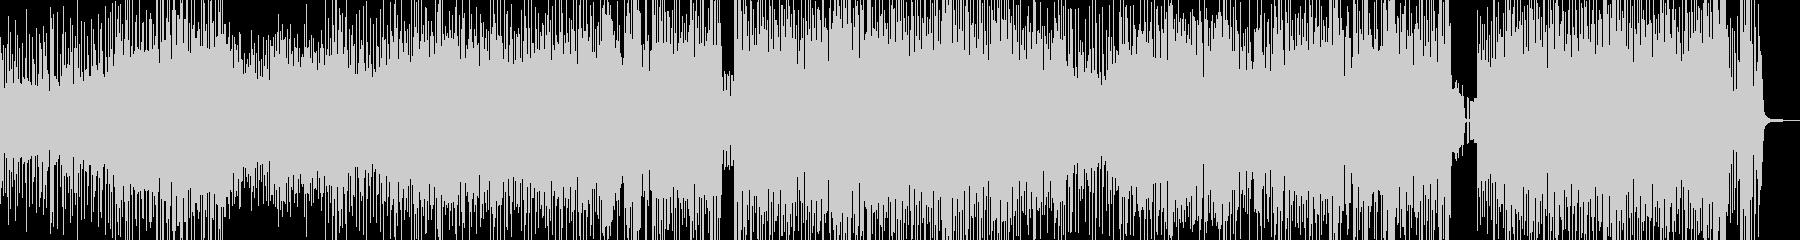 クセになるメロディの三味線テクノ 長尺の未再生の波形